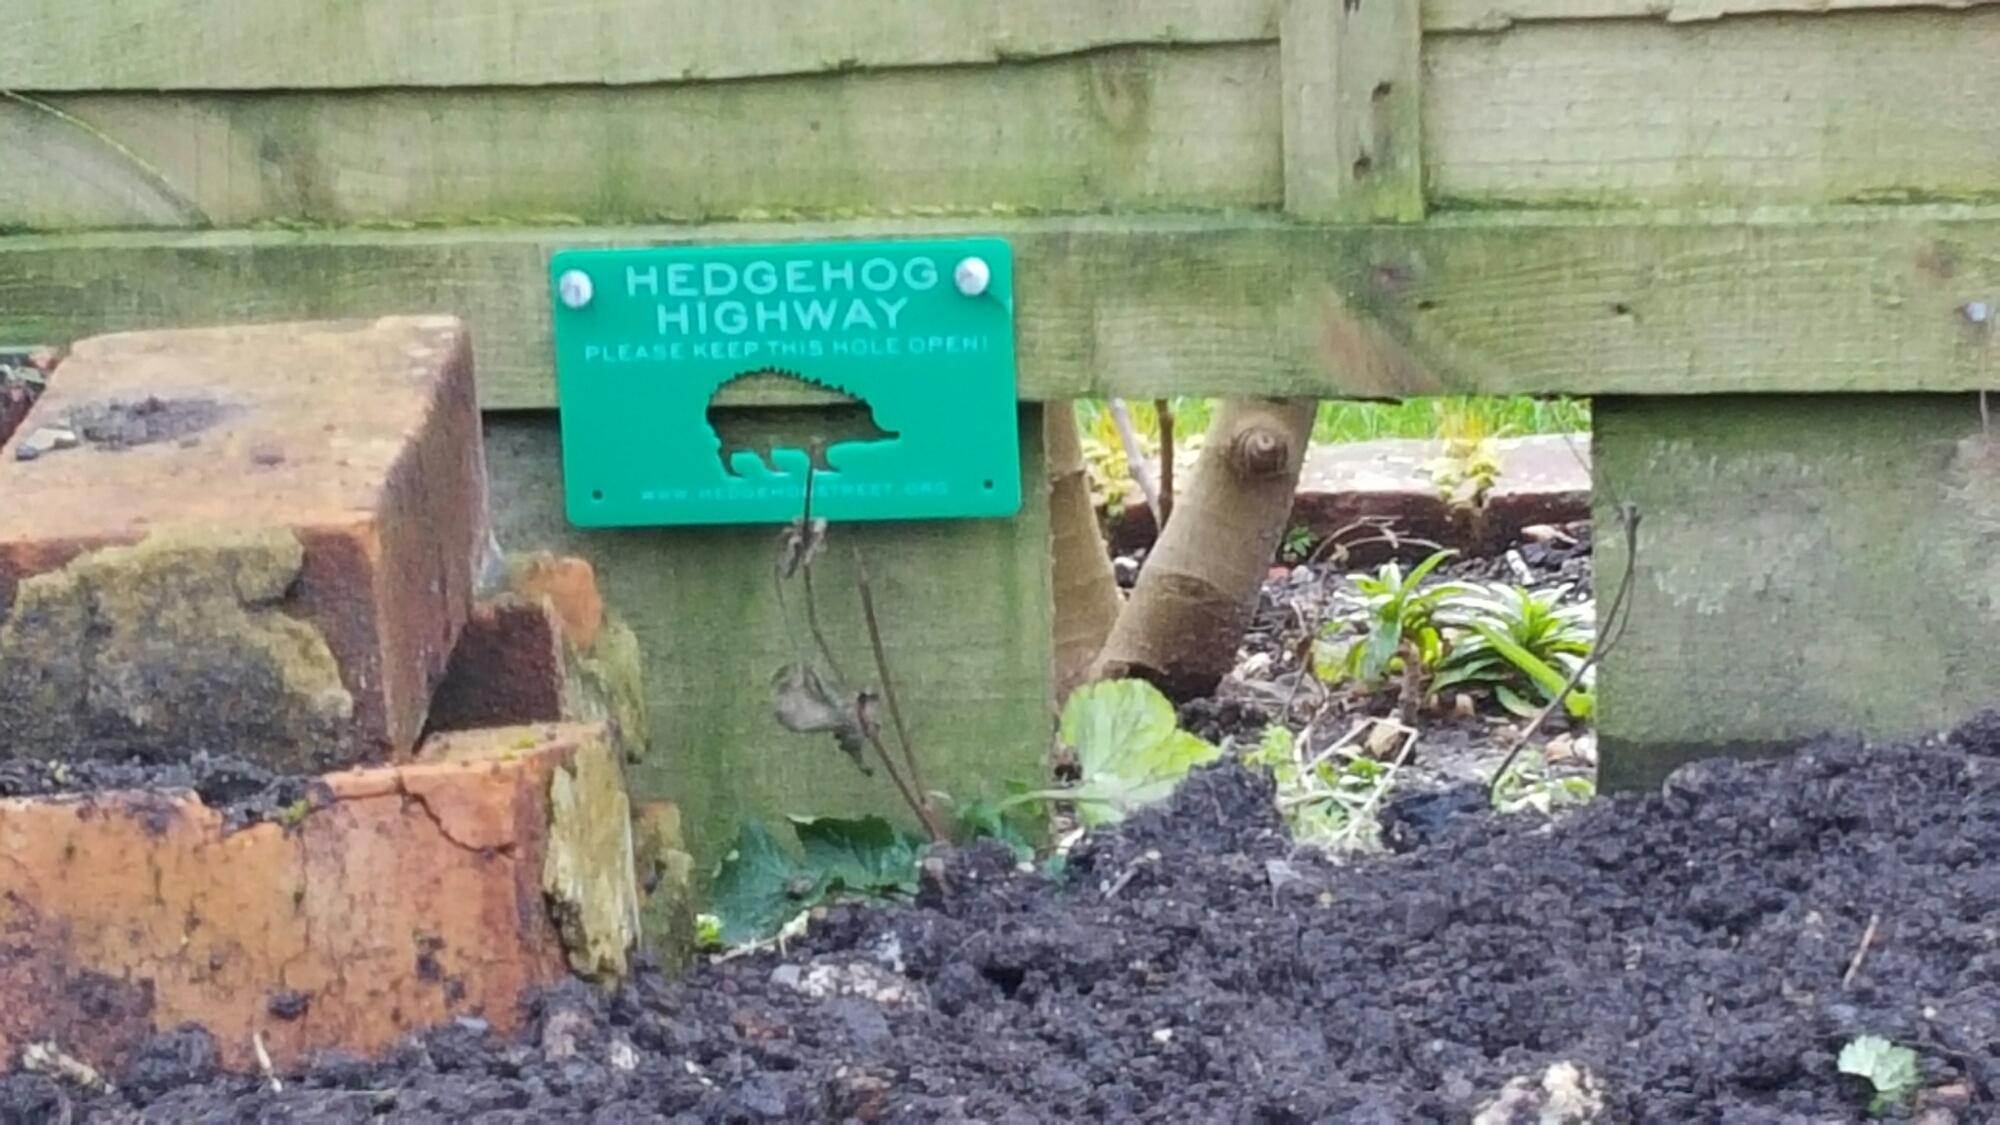 hedgehog highway 1.jpg